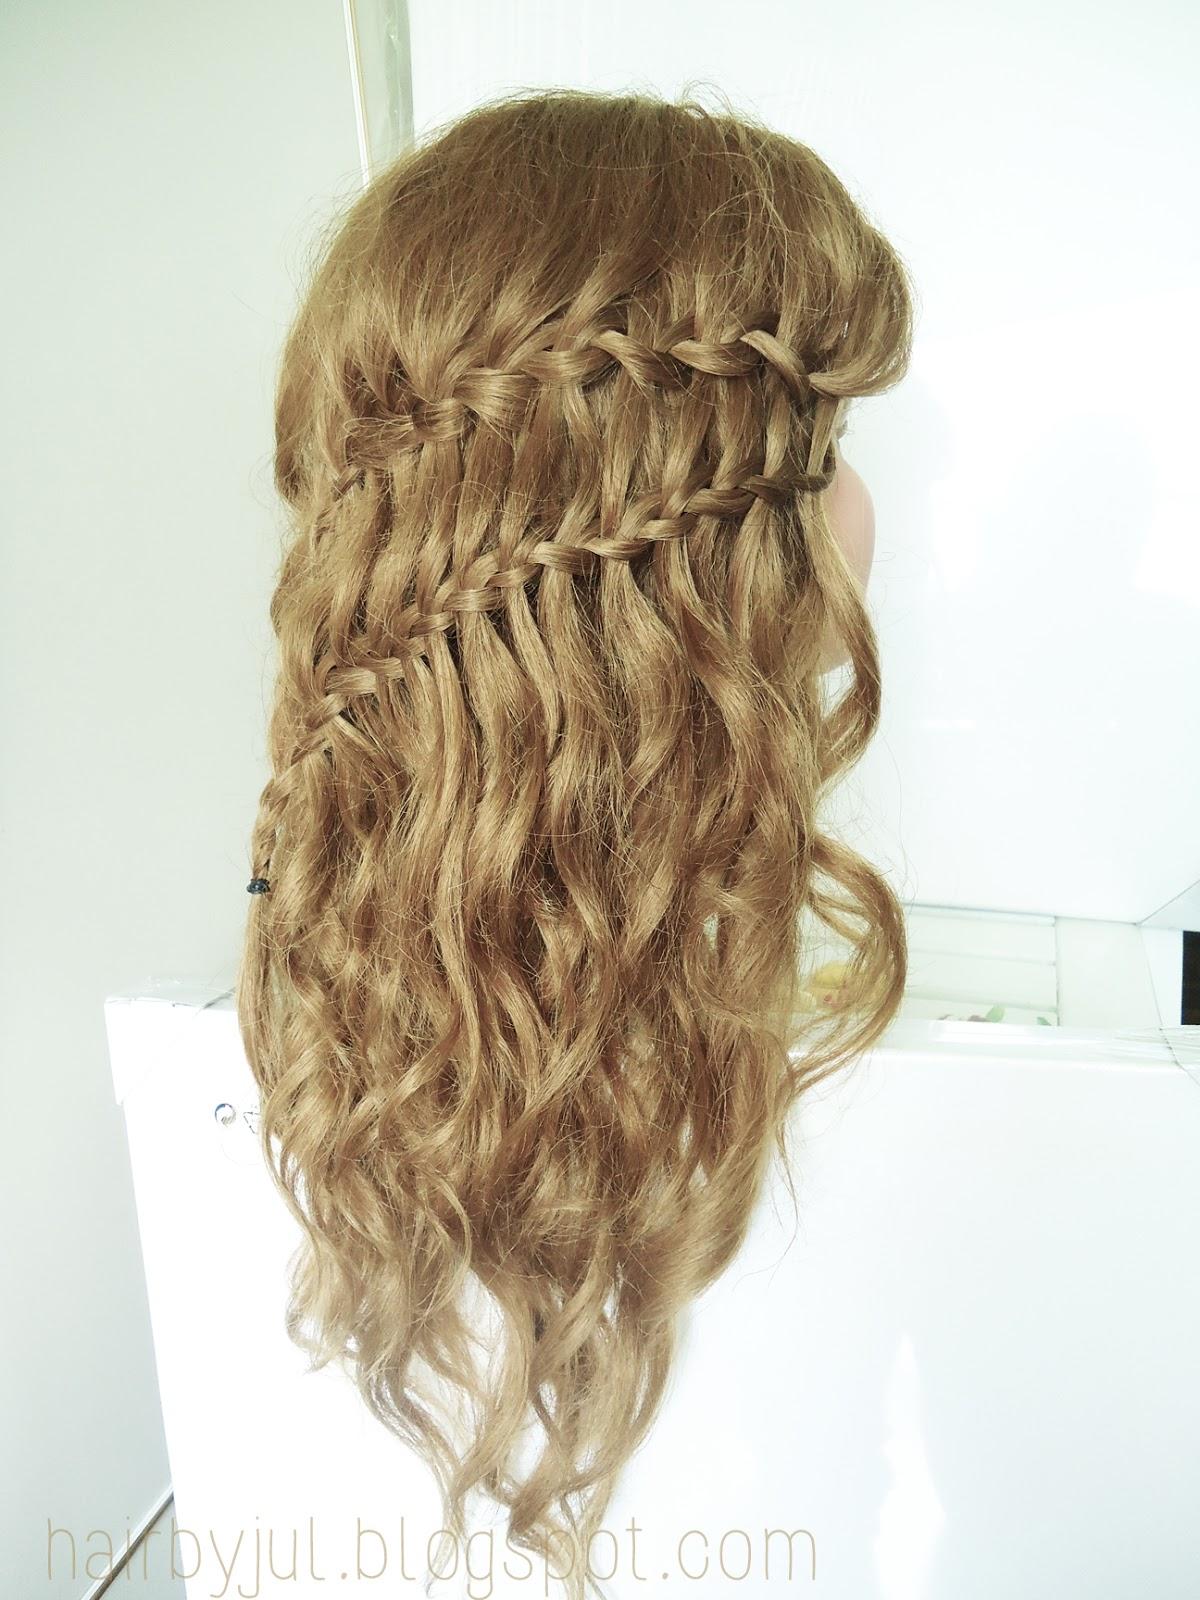 Fryzury ślubne Cz I Hair By Jul Fryzury Krok Po Kroku